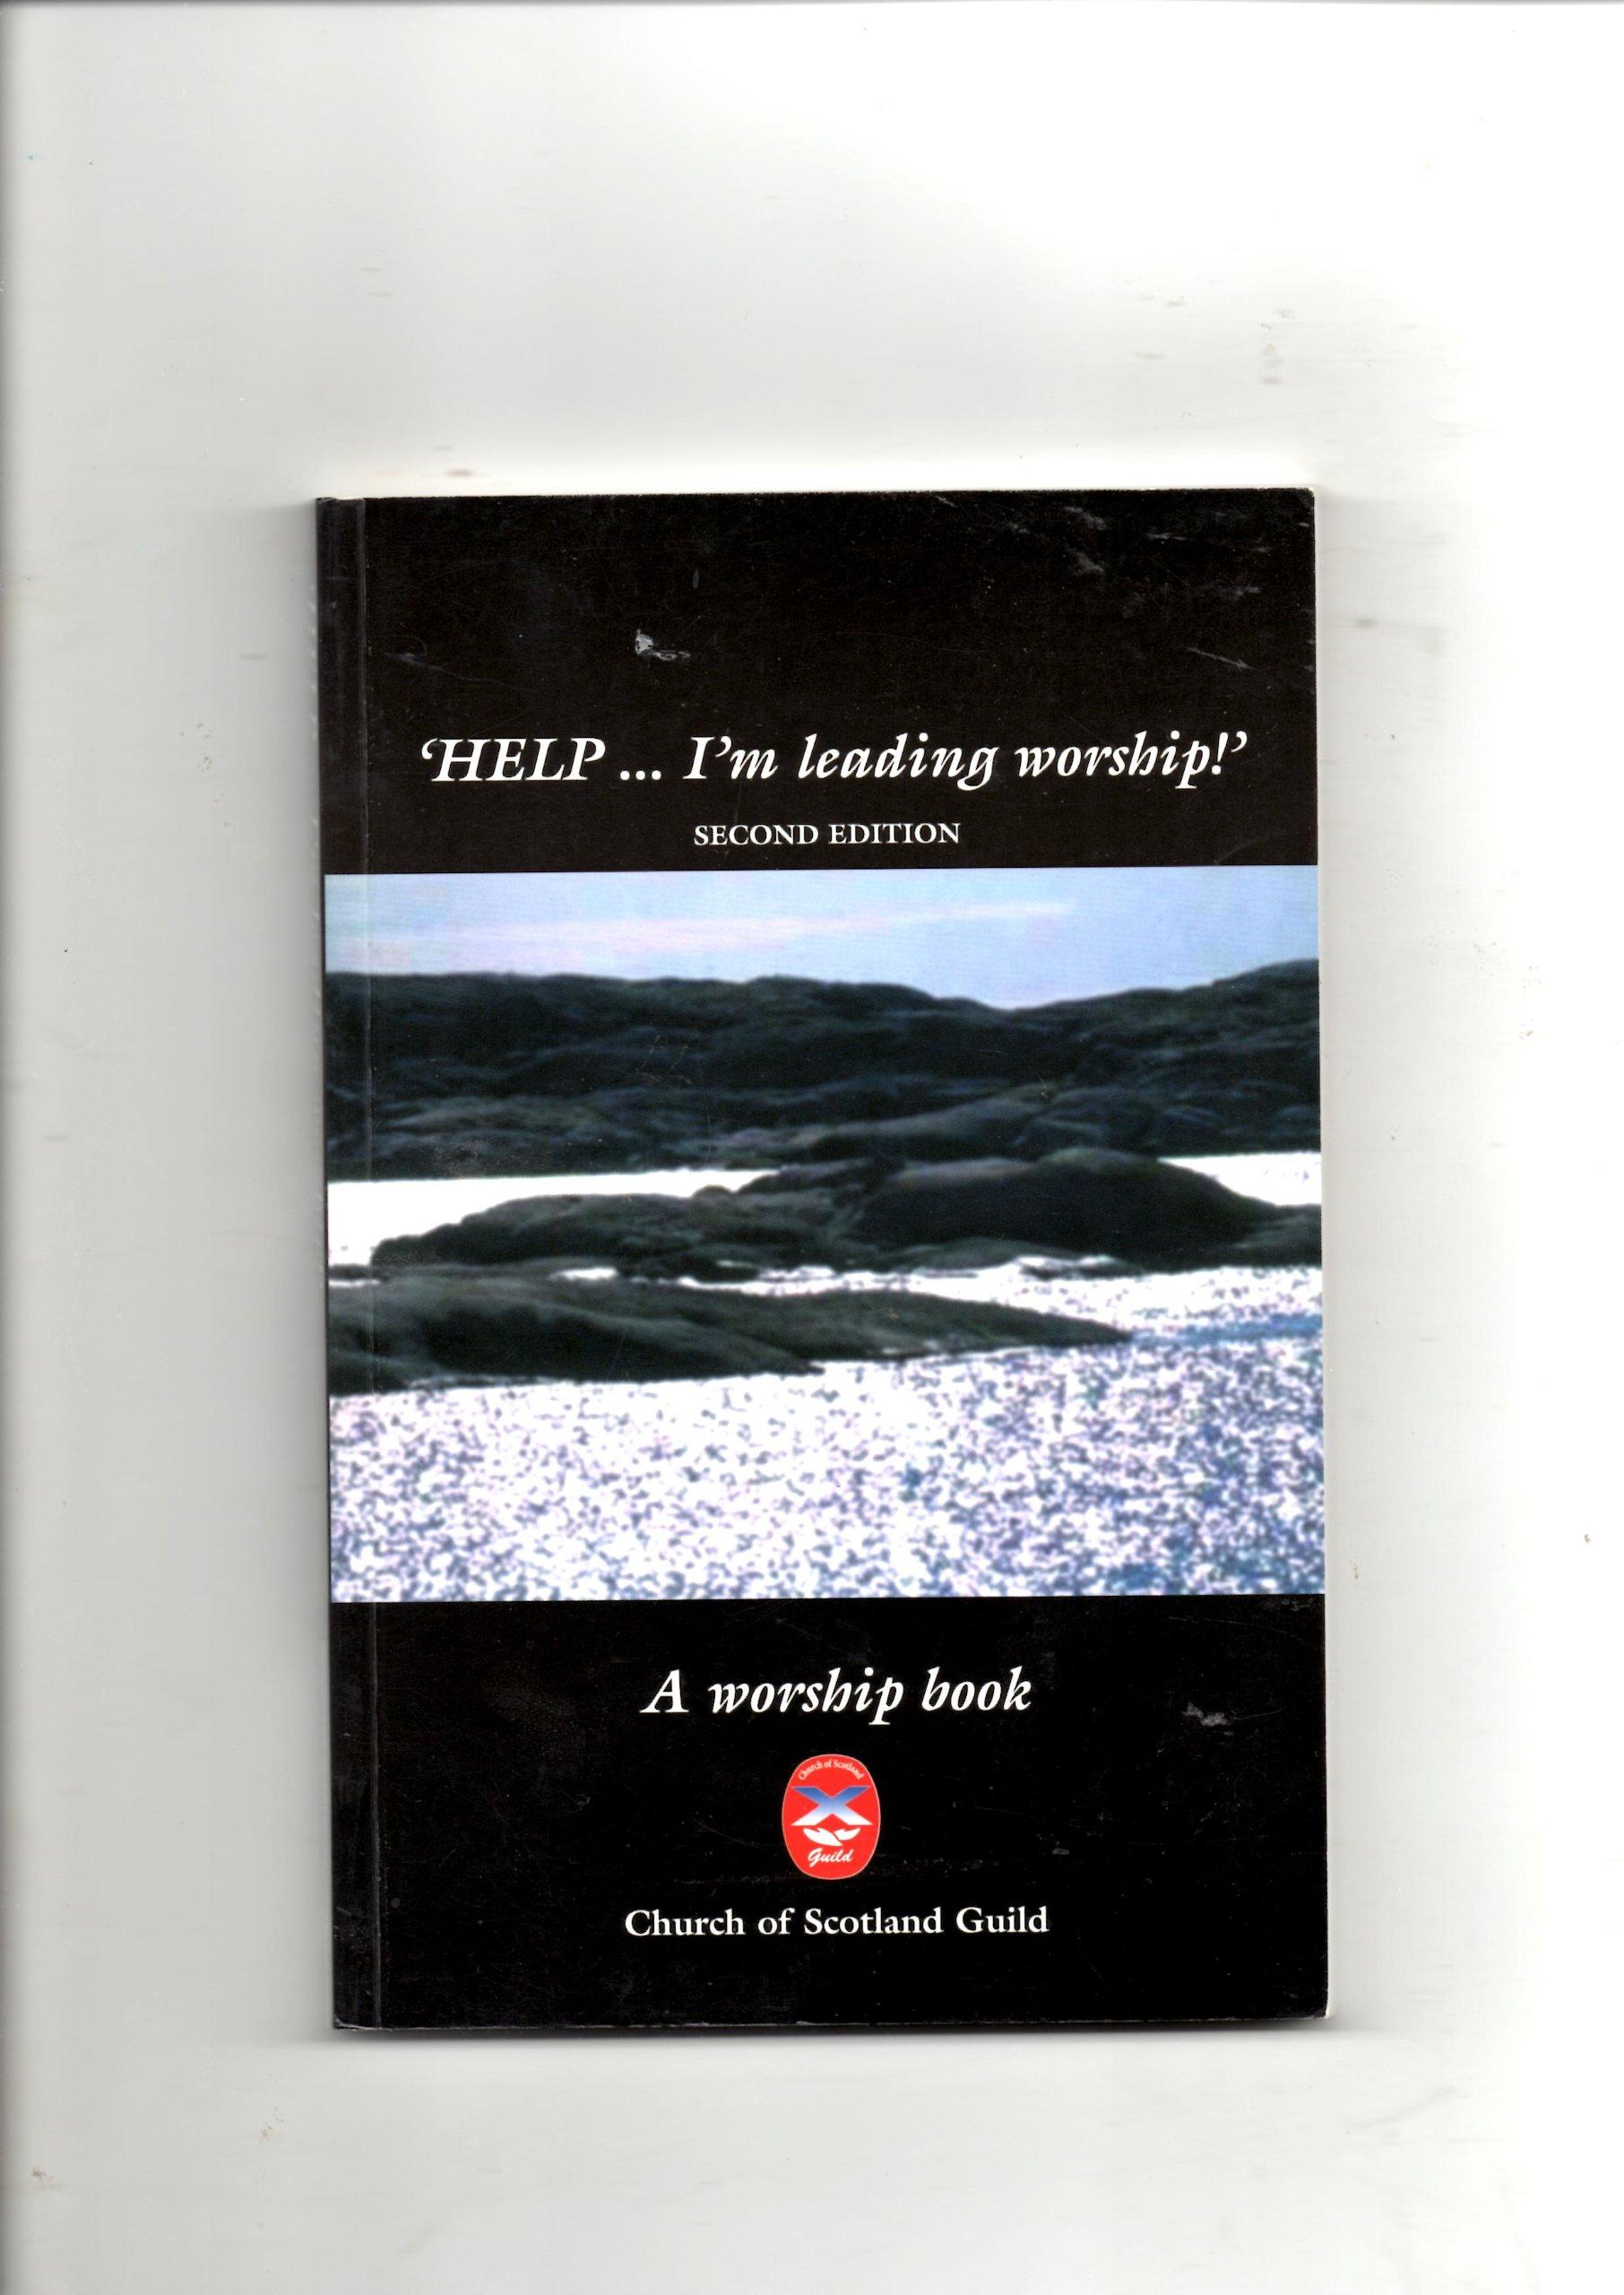 """I'm Leading Worship!"""": Amazon.co.uk: Church of Scotland Guild: 9780861533190: Books"""